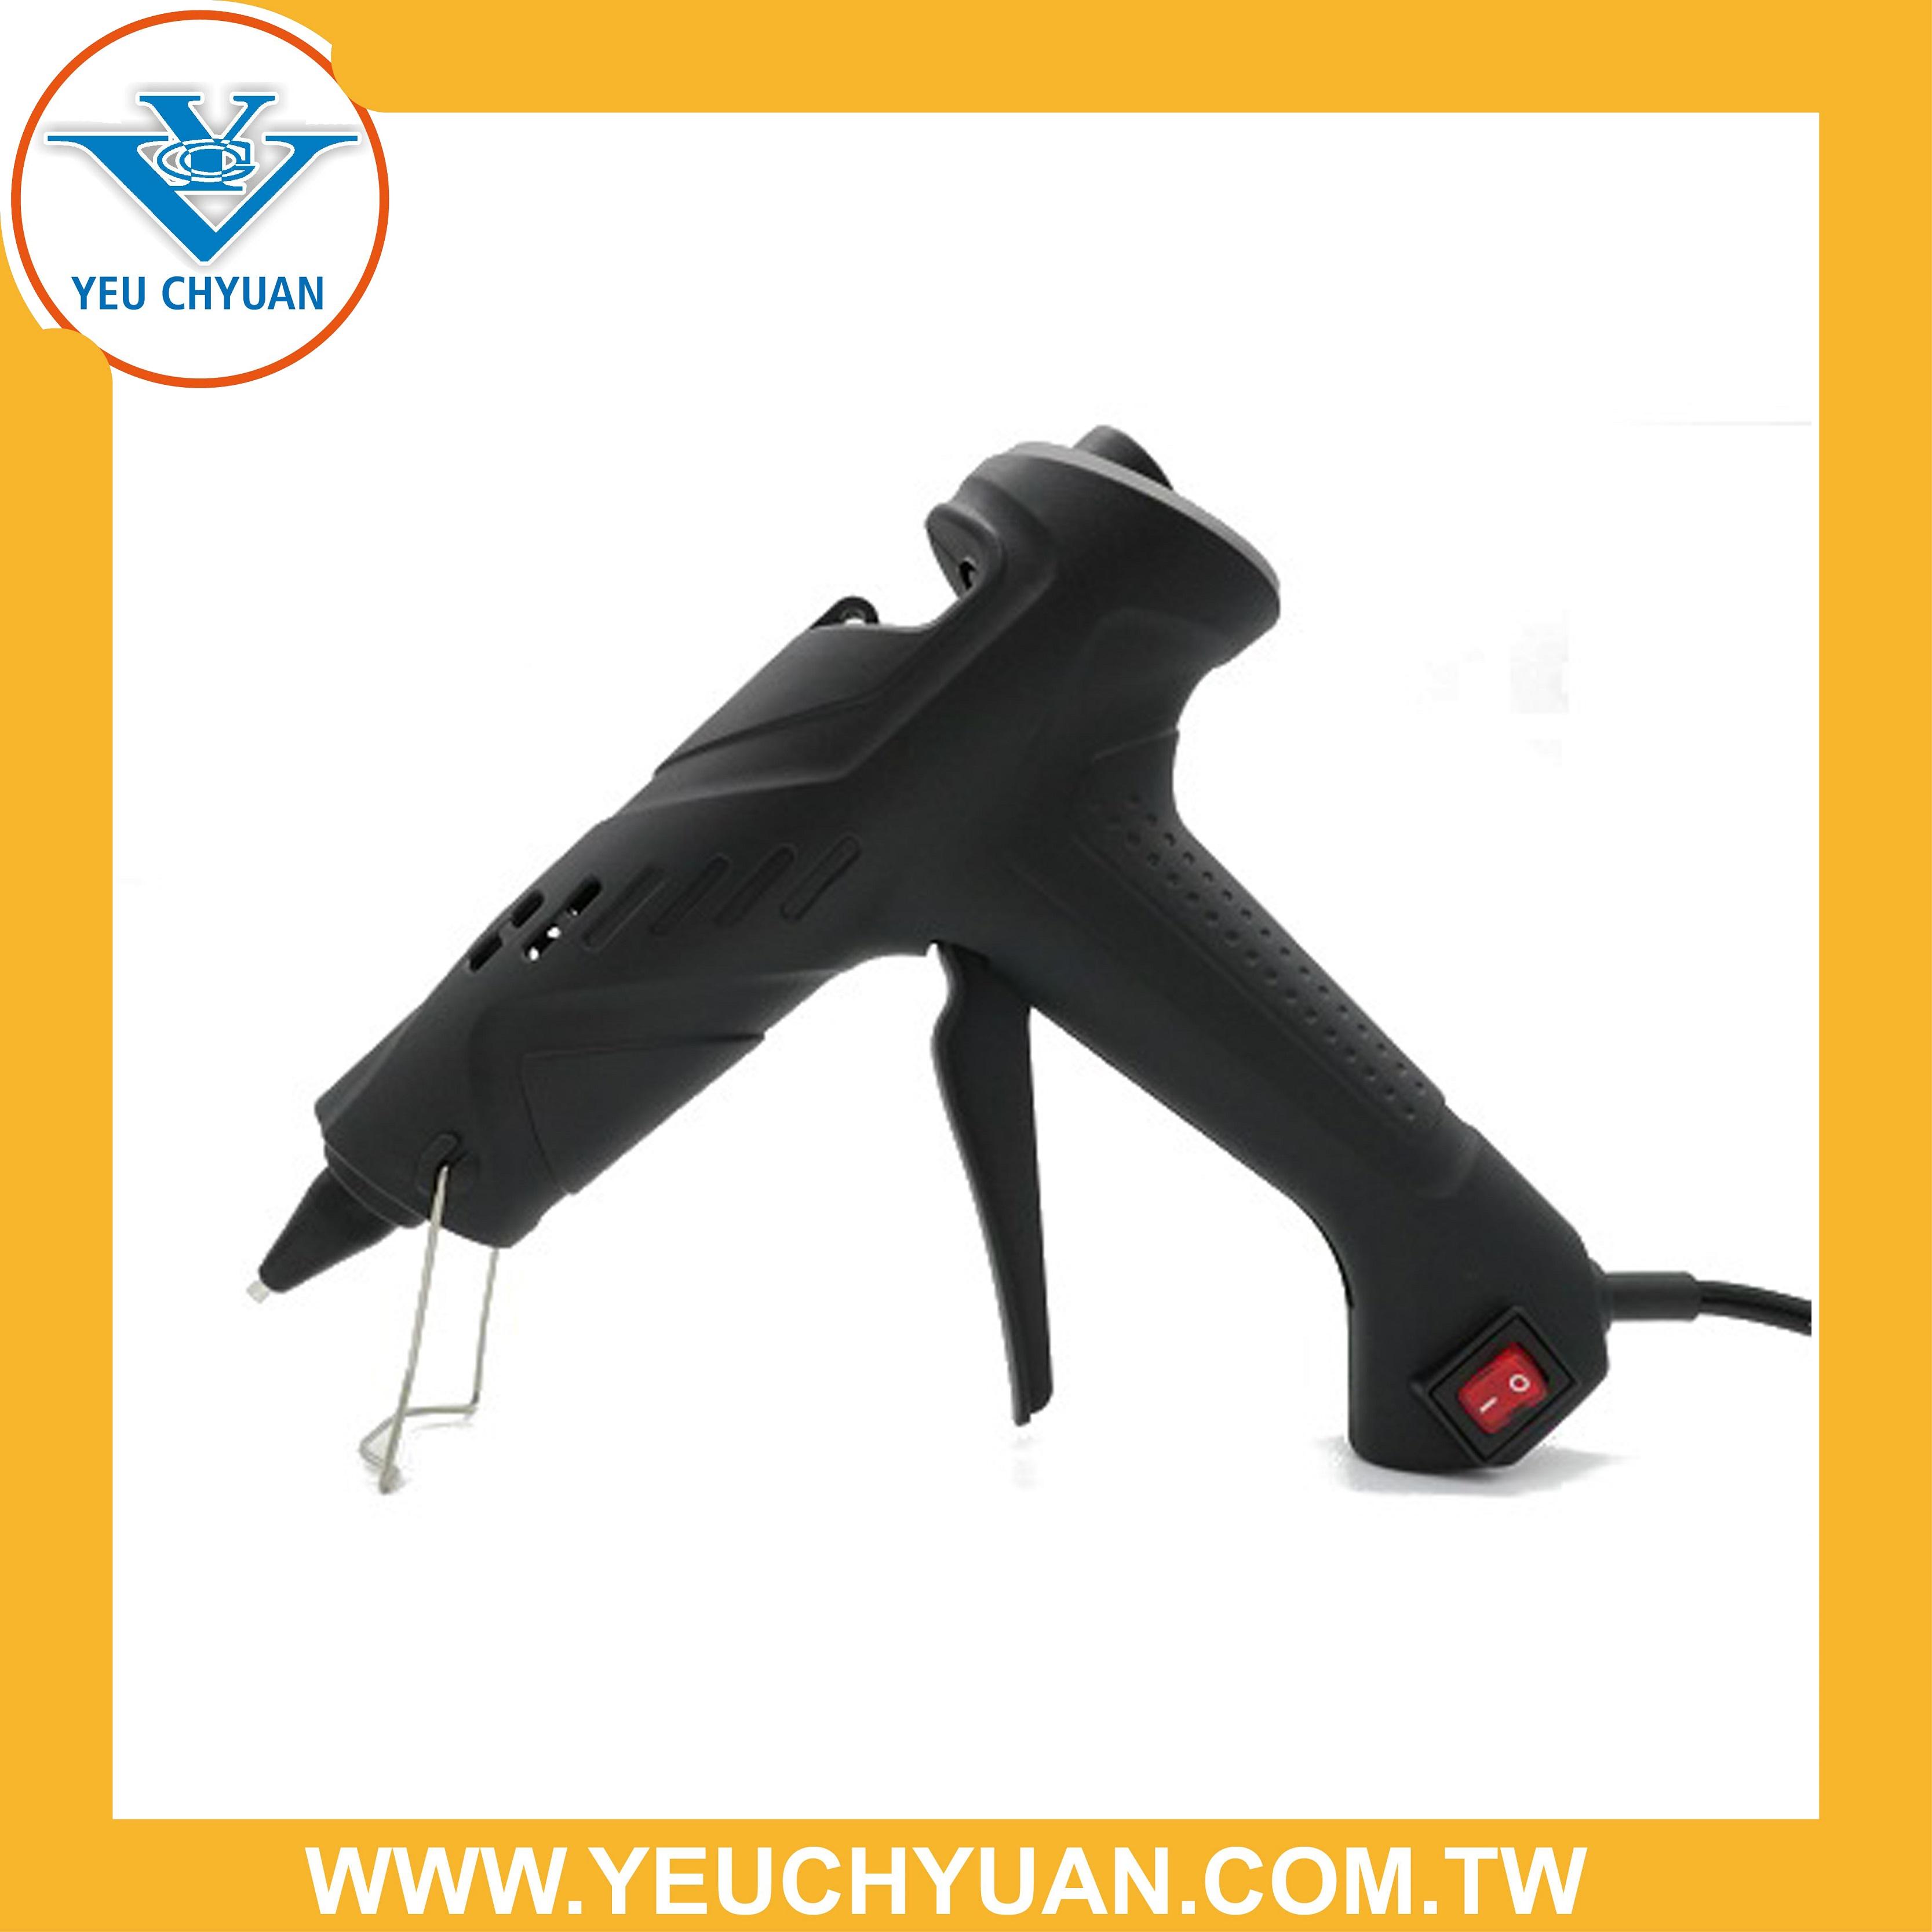 Pro hot glue gun (T712)